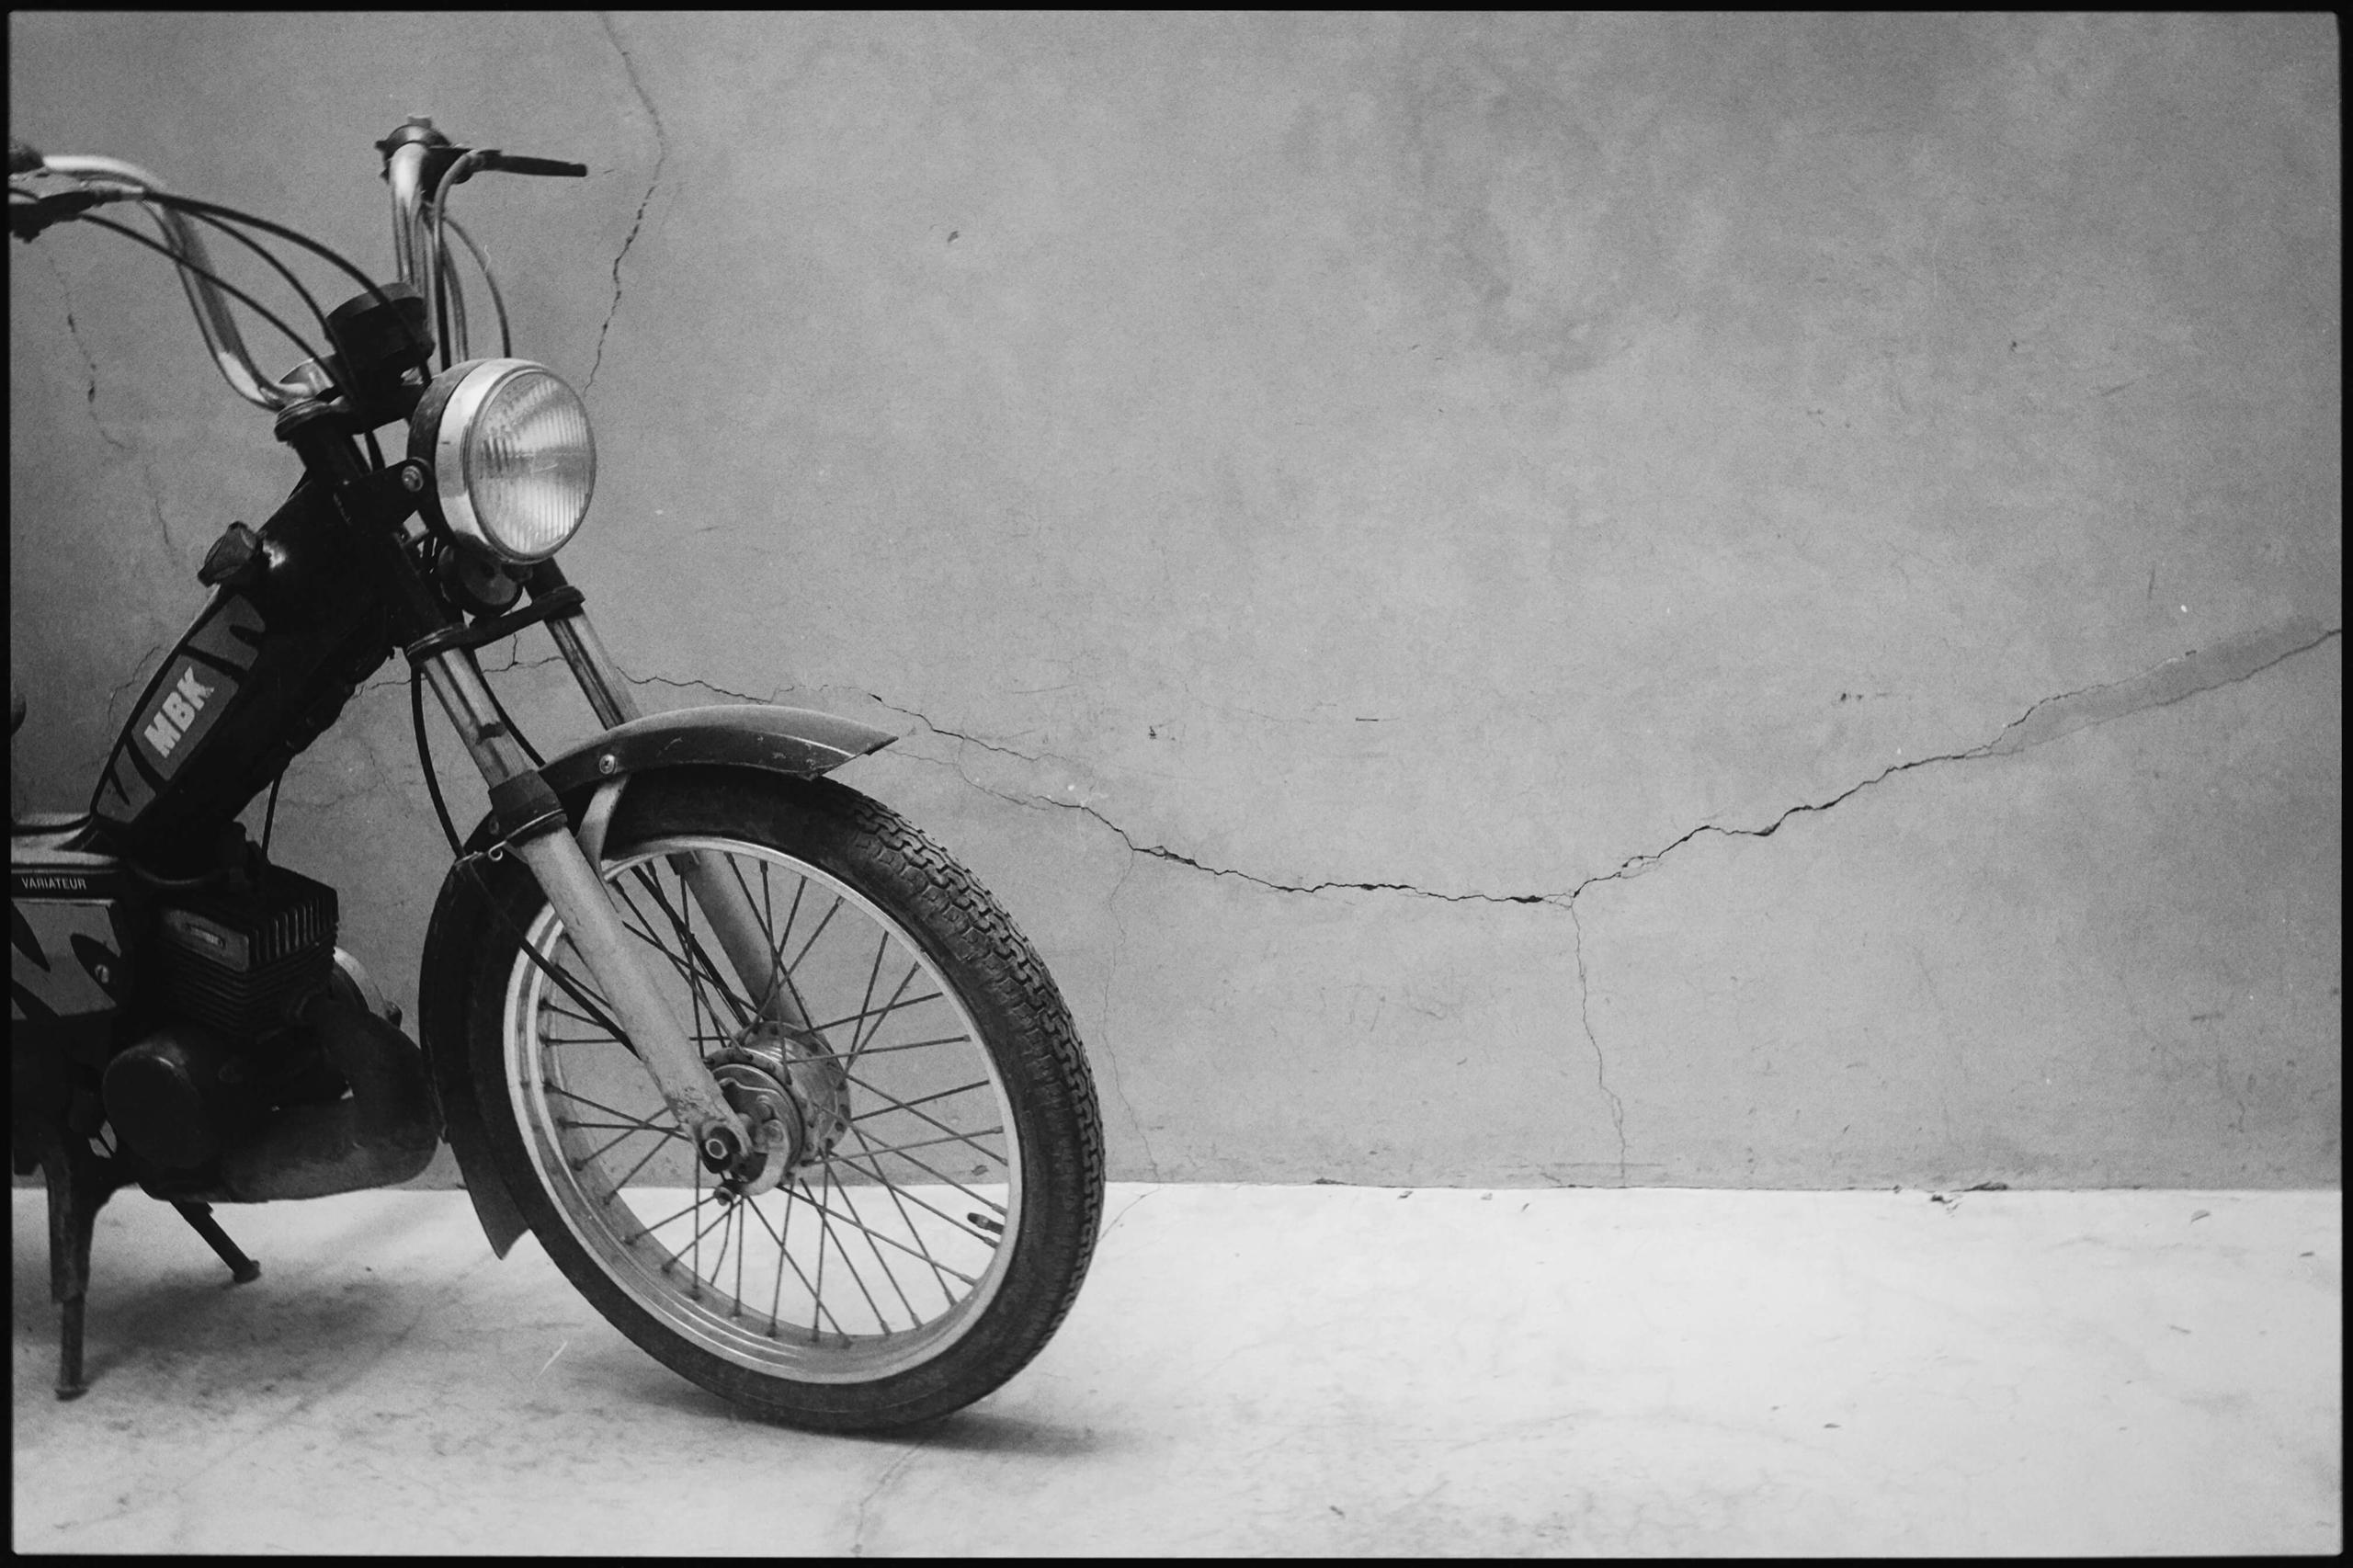 MBK motorbike Marrakech. Marrak - wawuf | ello